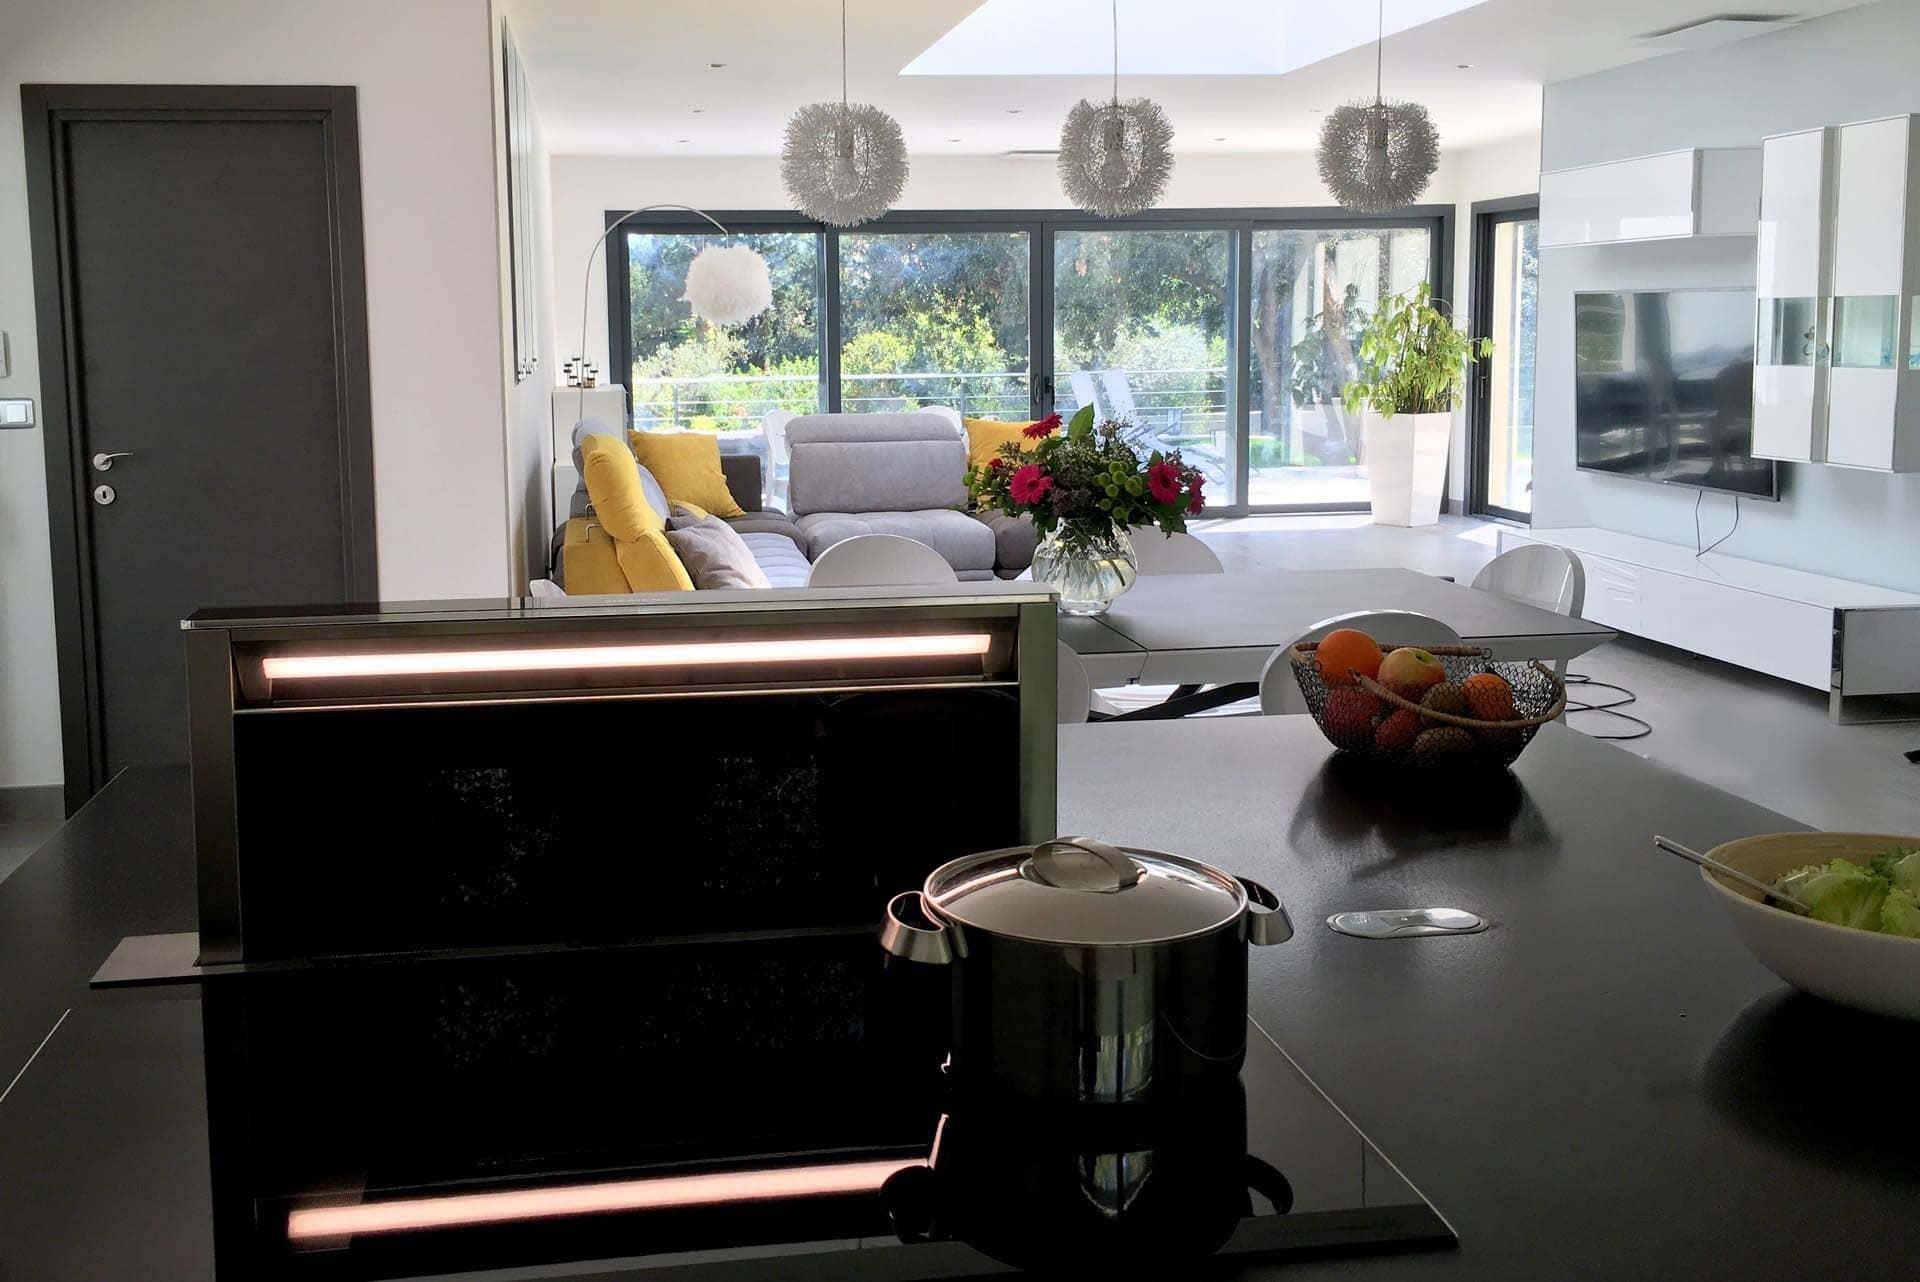 cuisine tout équipée plan de travail et équipements appareillage de cuisson matériau de qualité location saisonnière maison vacances à Montpellier